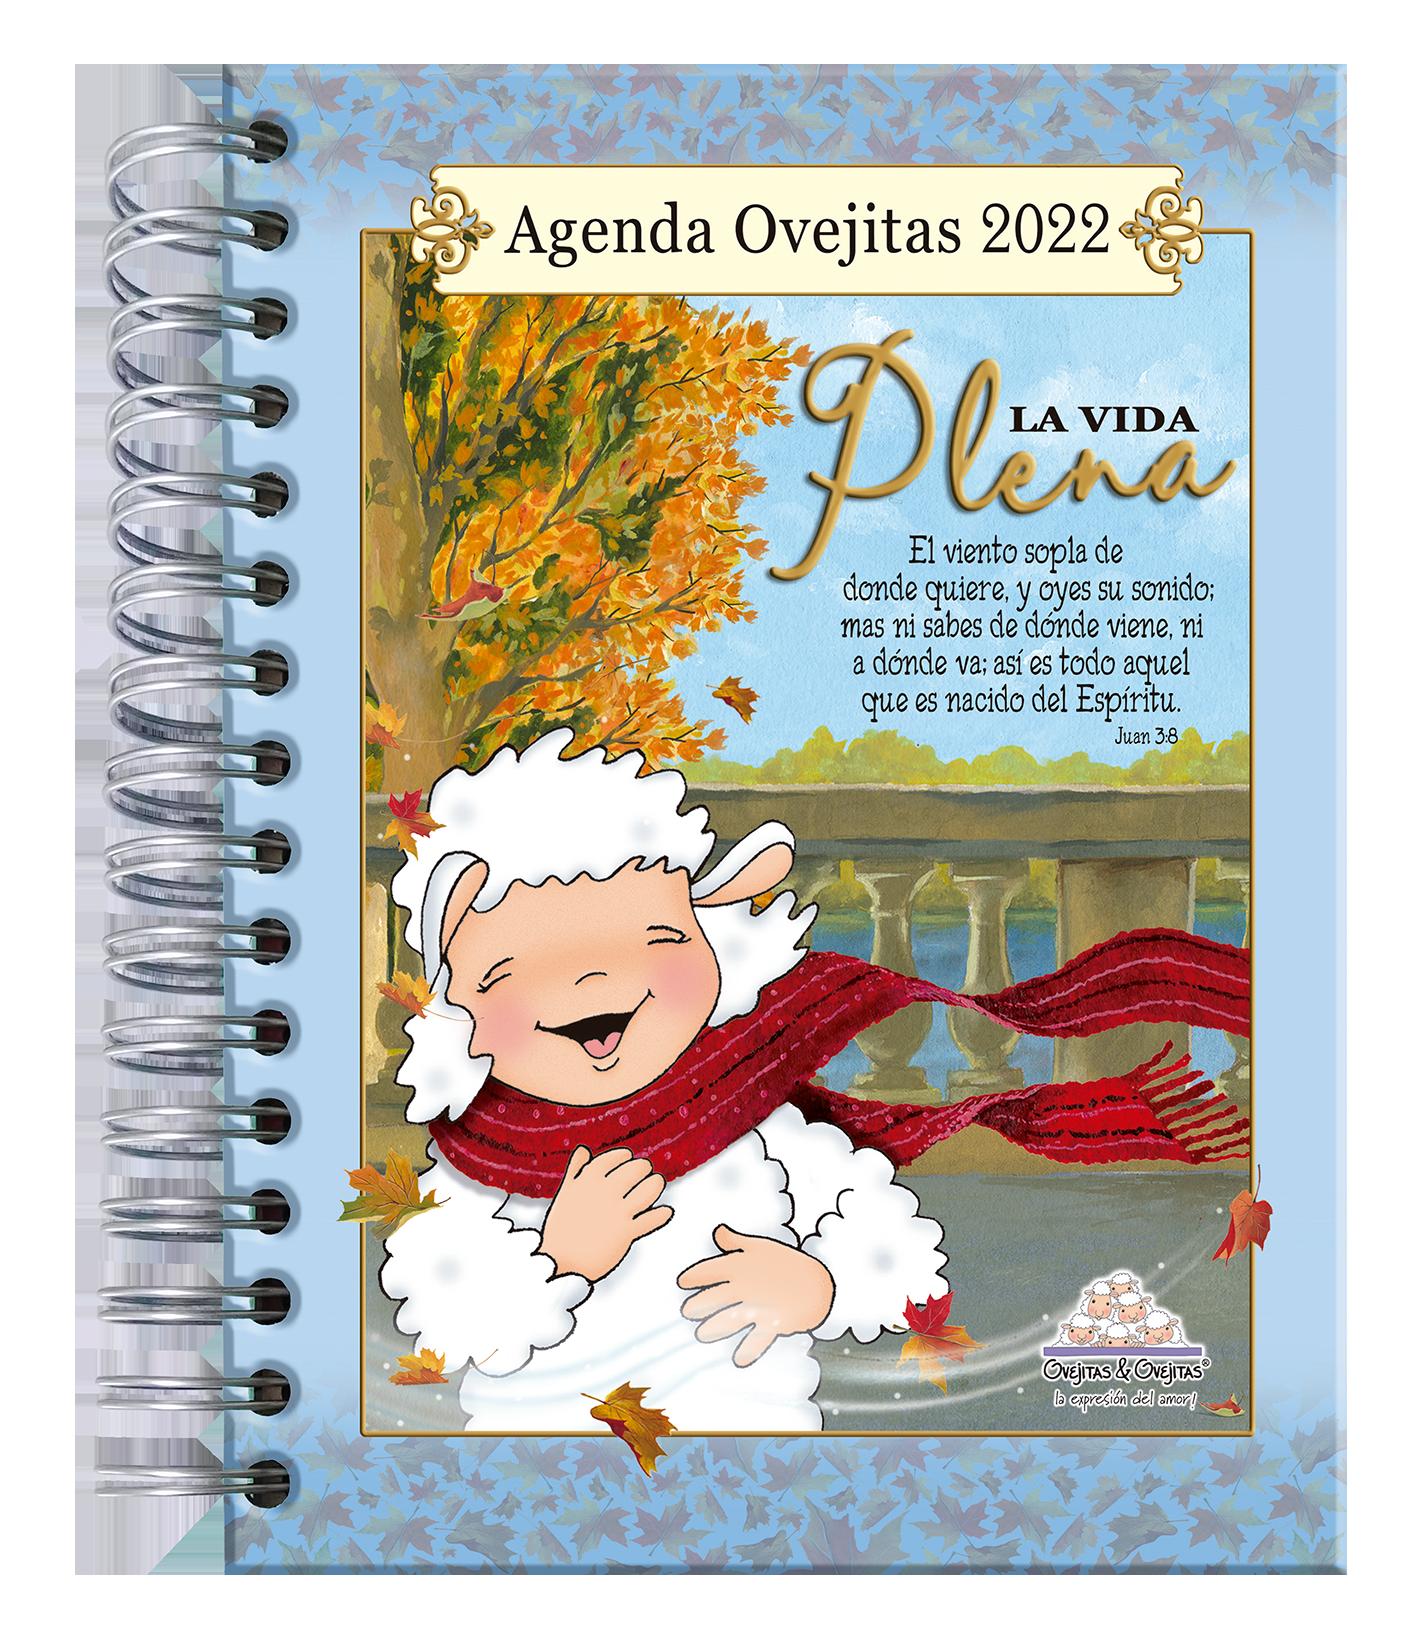 Agenda Ovejitas La Vida Plena 2022 Azul